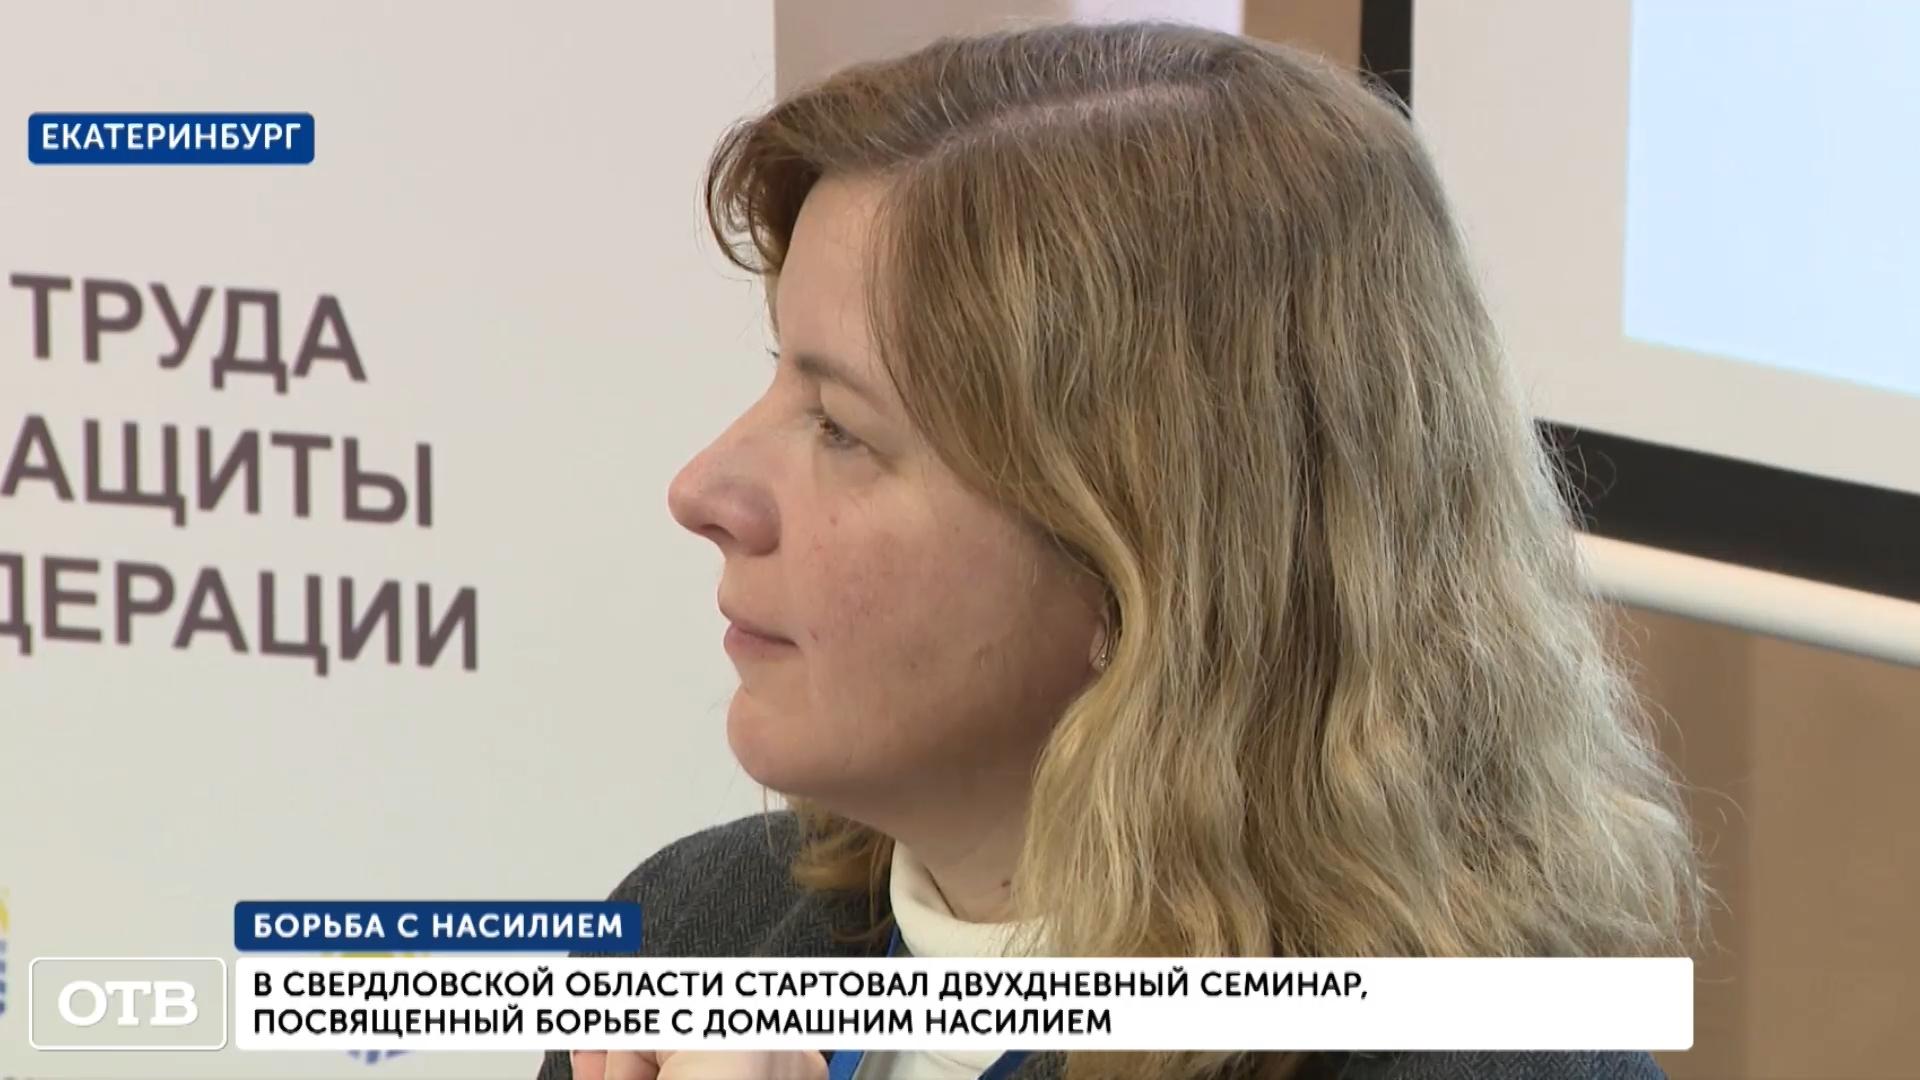 20200218_20-02-В Екатеринбурге стартовал двухдневный семинар по борьбе с домашним насилием-pic16